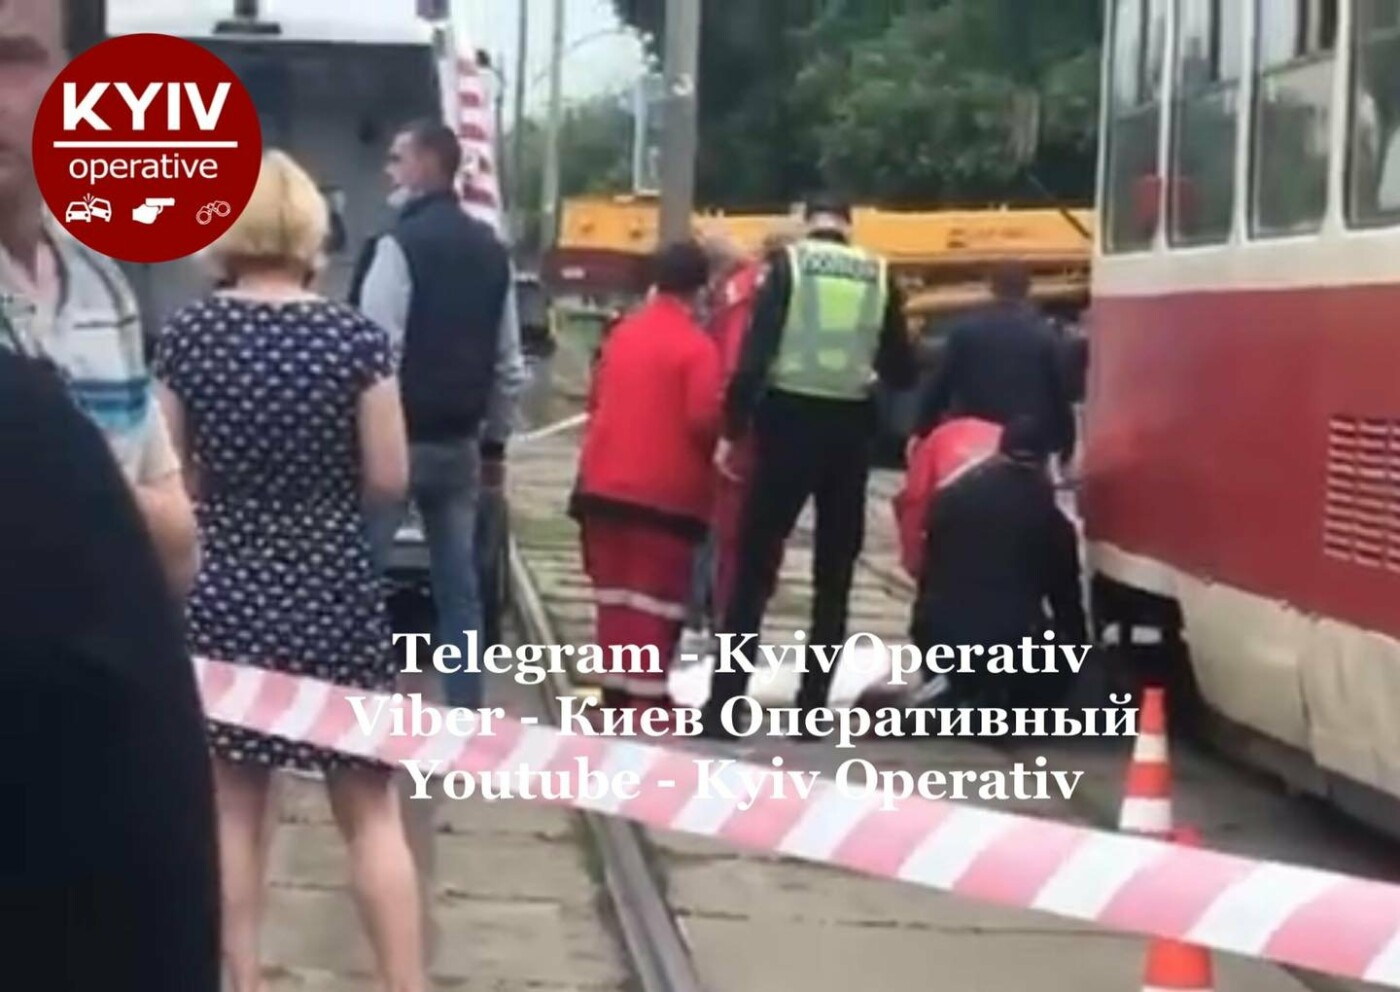 Девушка попала под трамвай в Киеве, Фото: Киев Оперативный